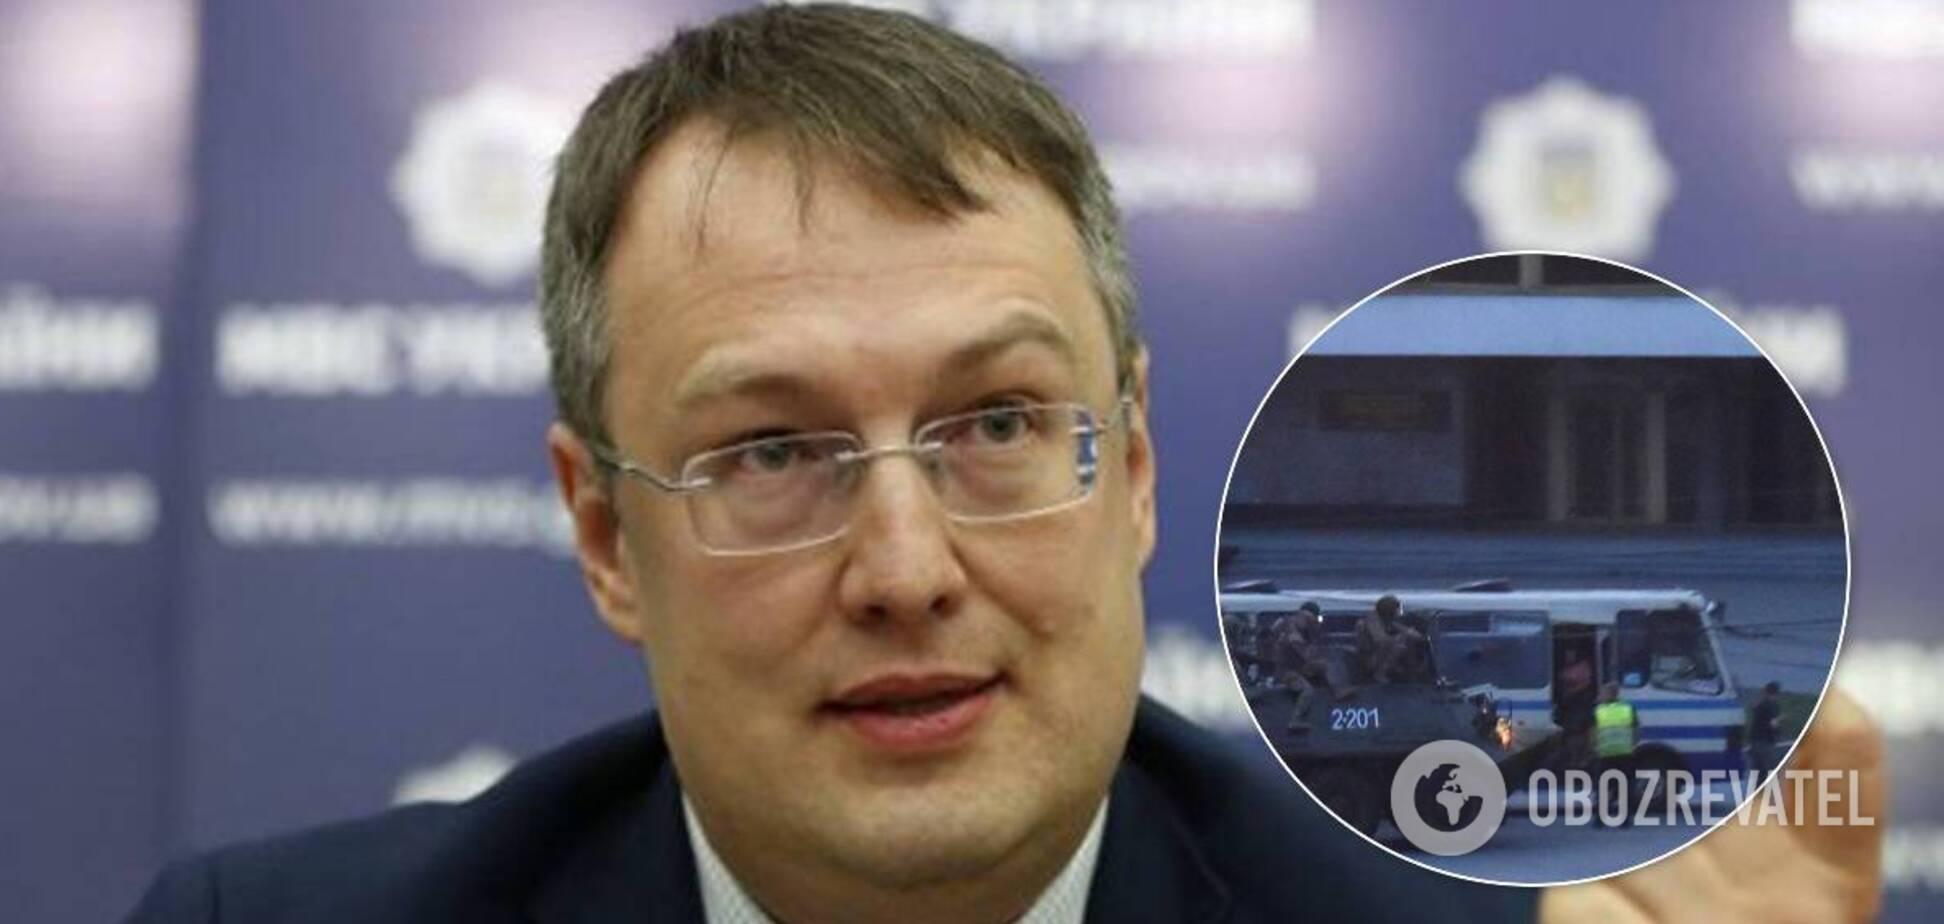 Нестыковки на видео задержания террориста в Луцке: Геращенко дал объяснение